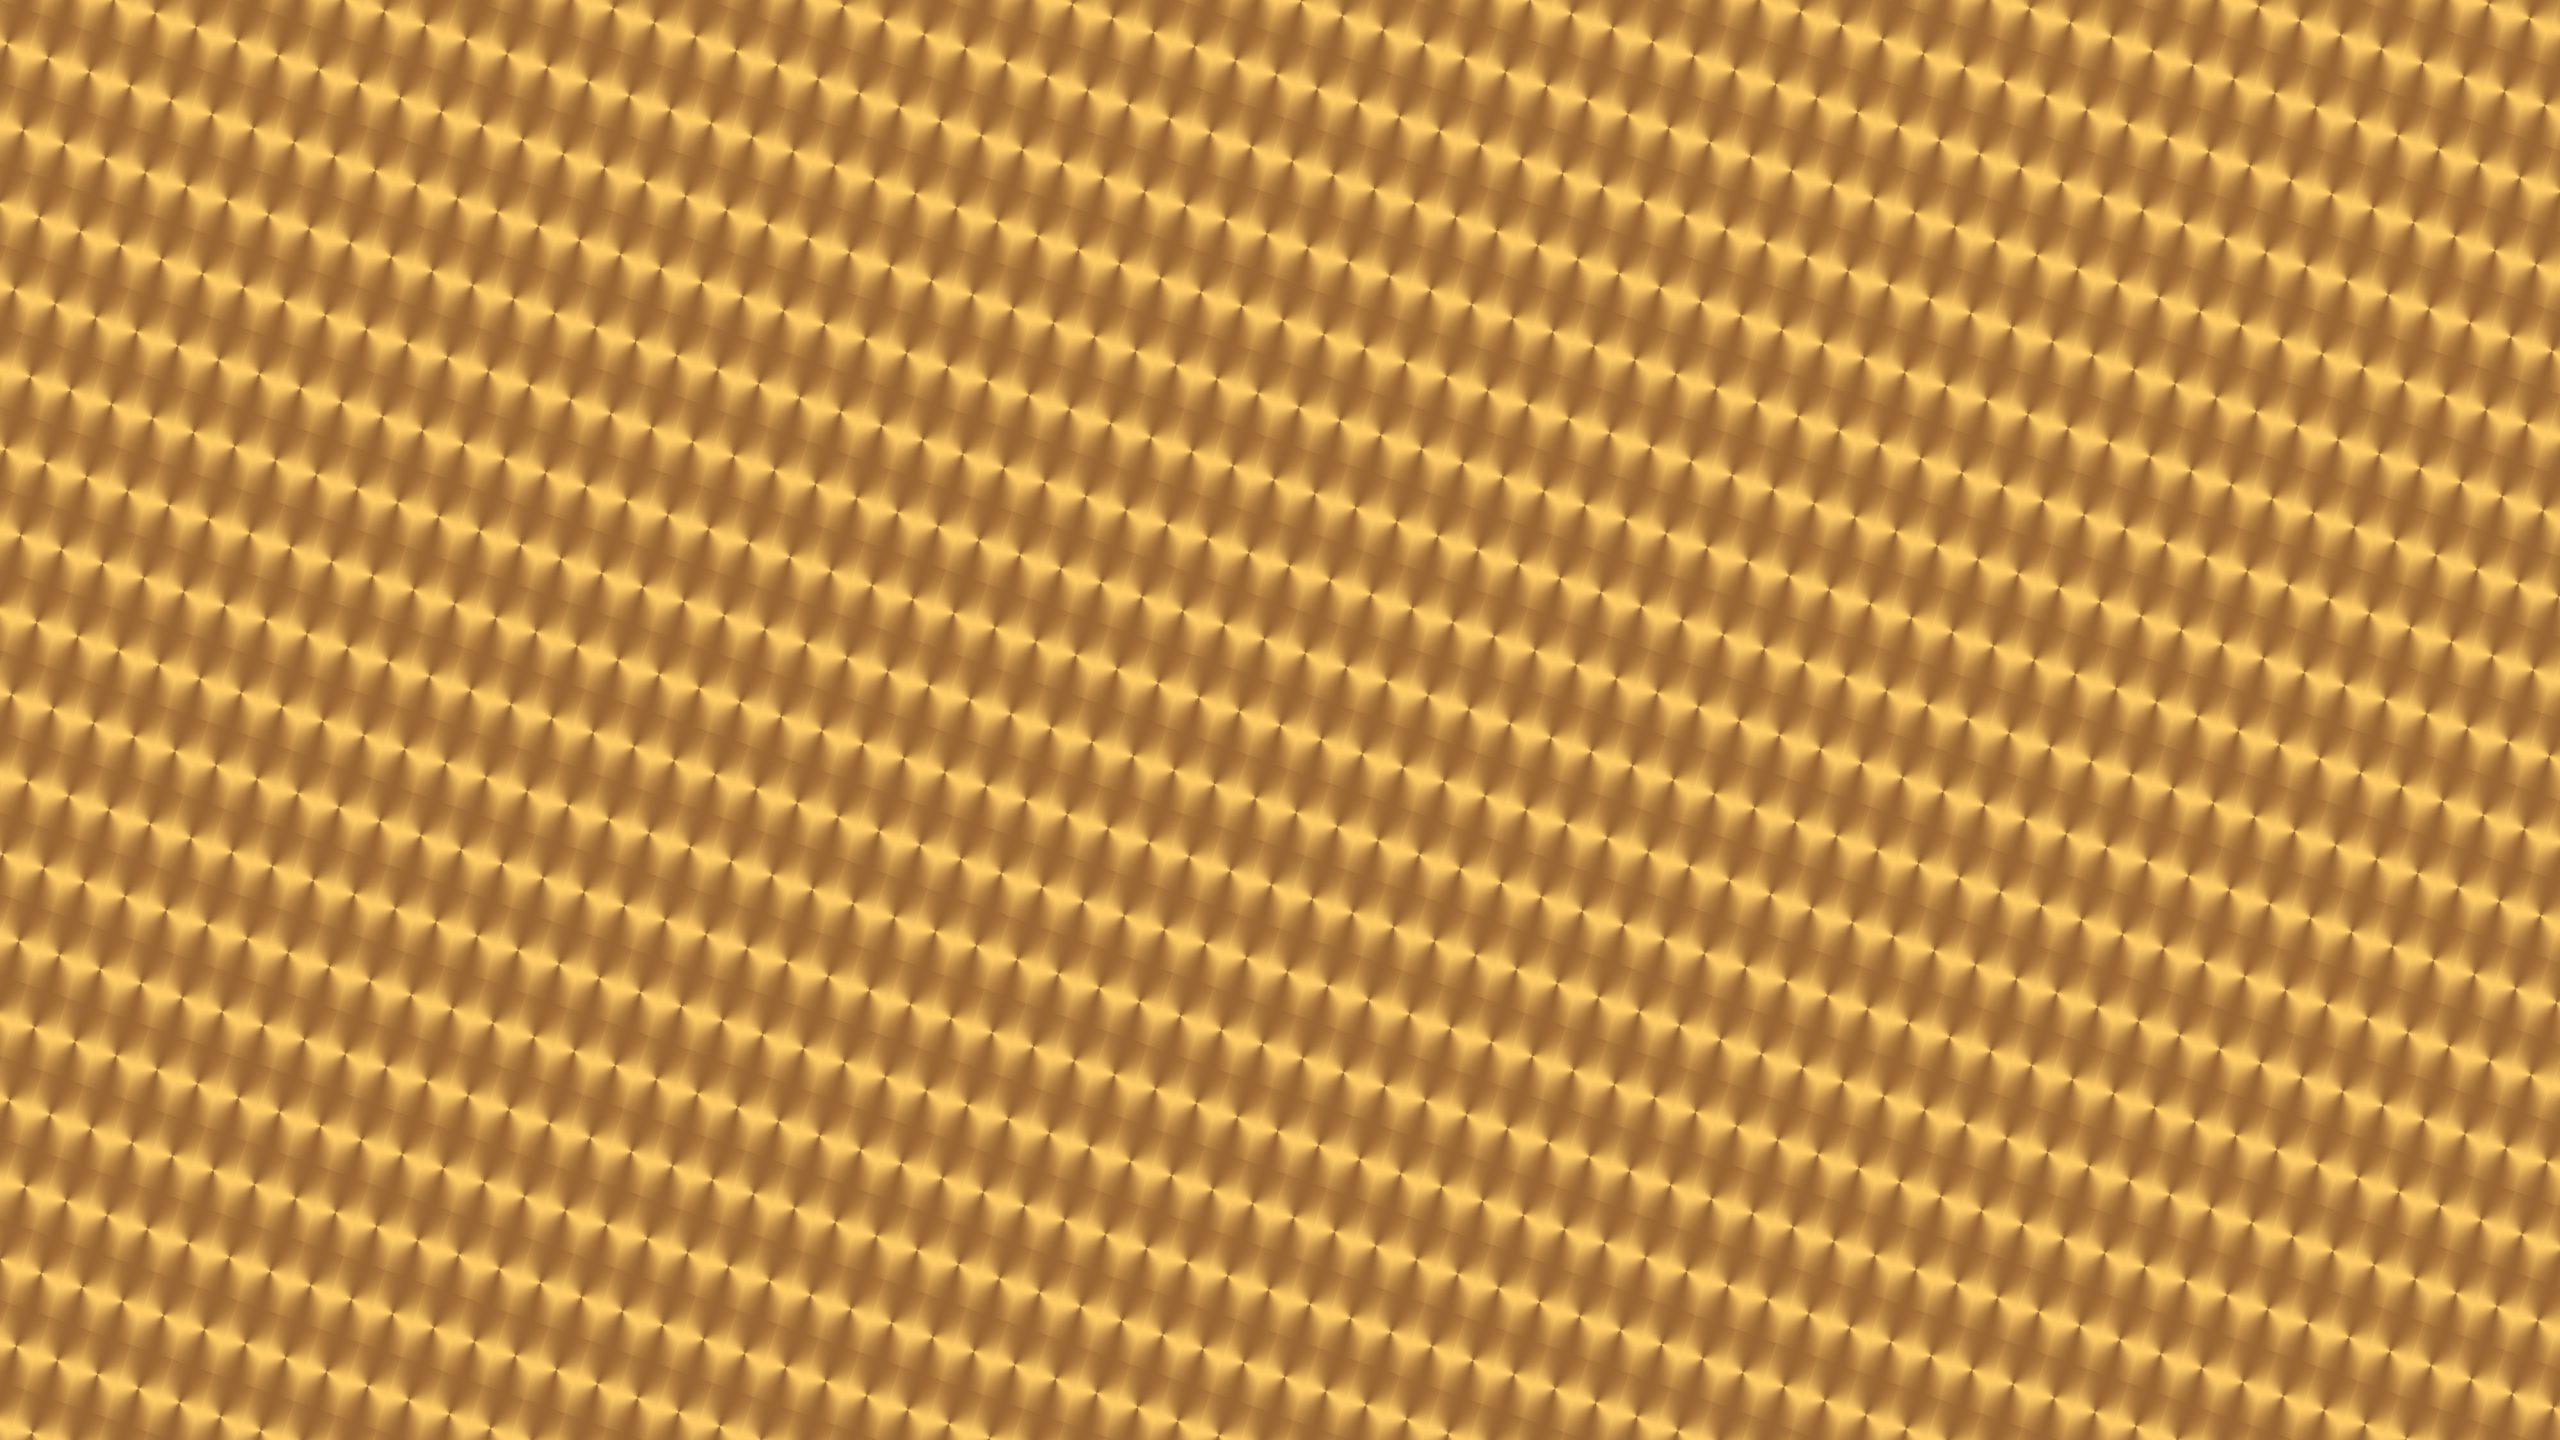 A golden texture wallpaper